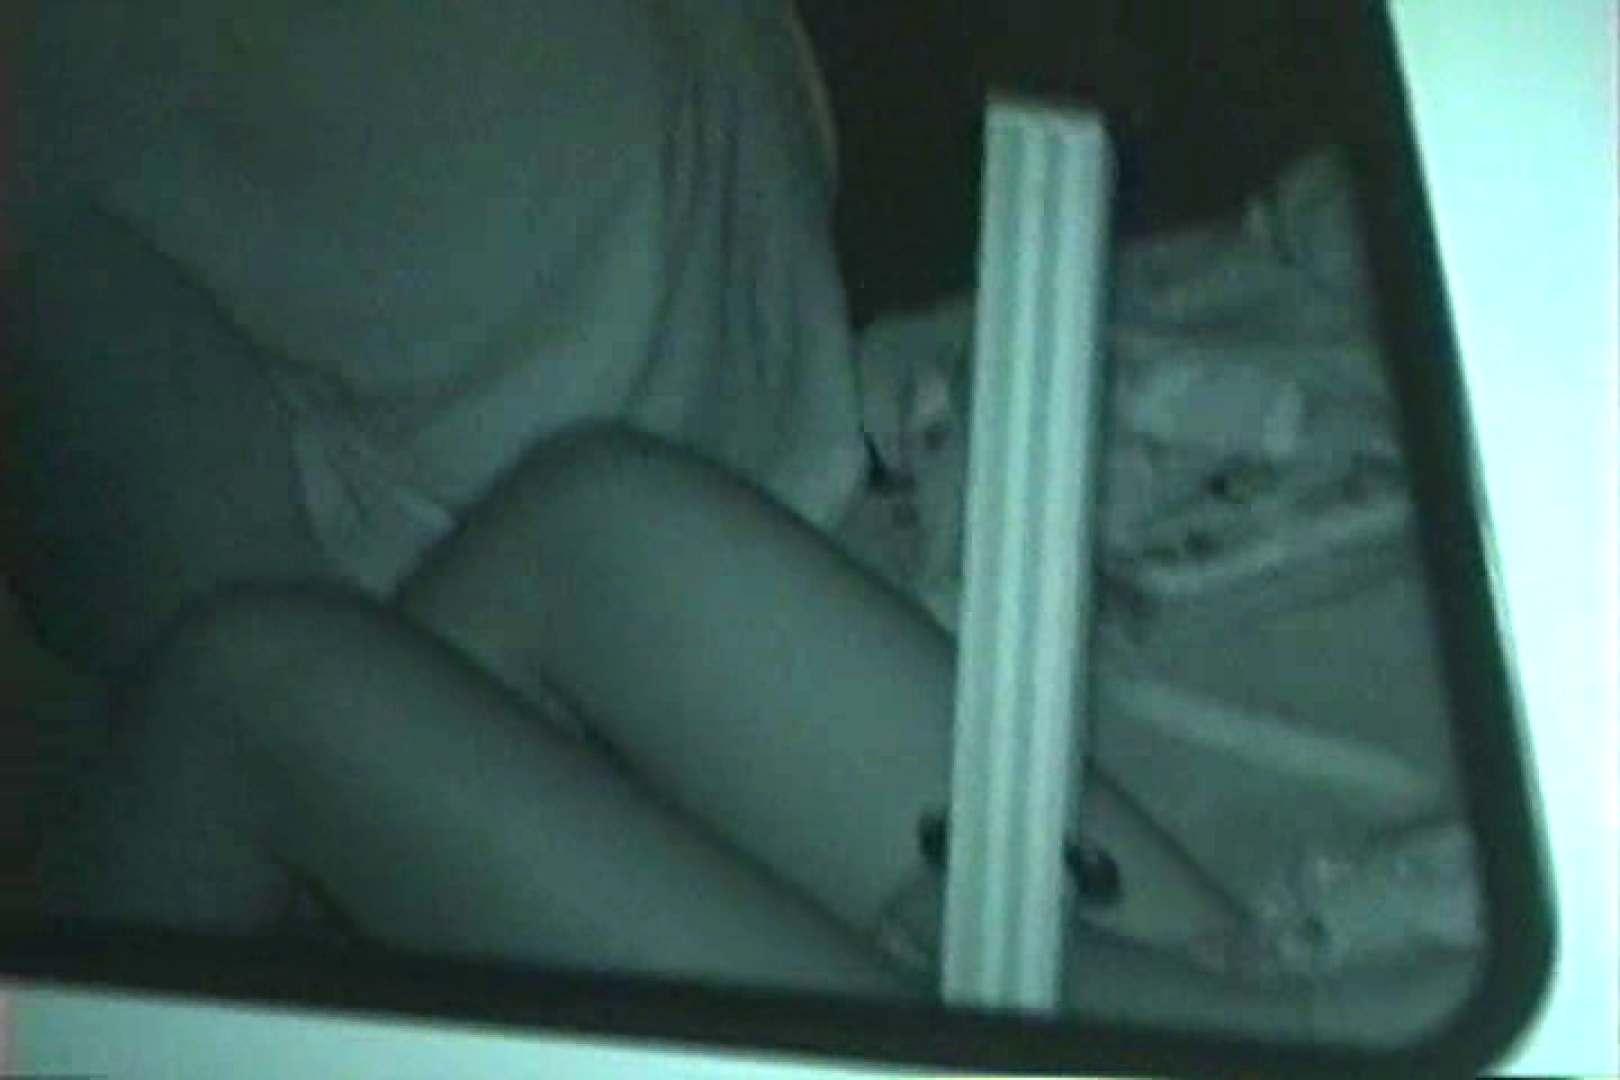 車の中はラブホテル 無修正版  Vol.23 盗撮特集 オマンコ動画キャプチャ 81画像 59